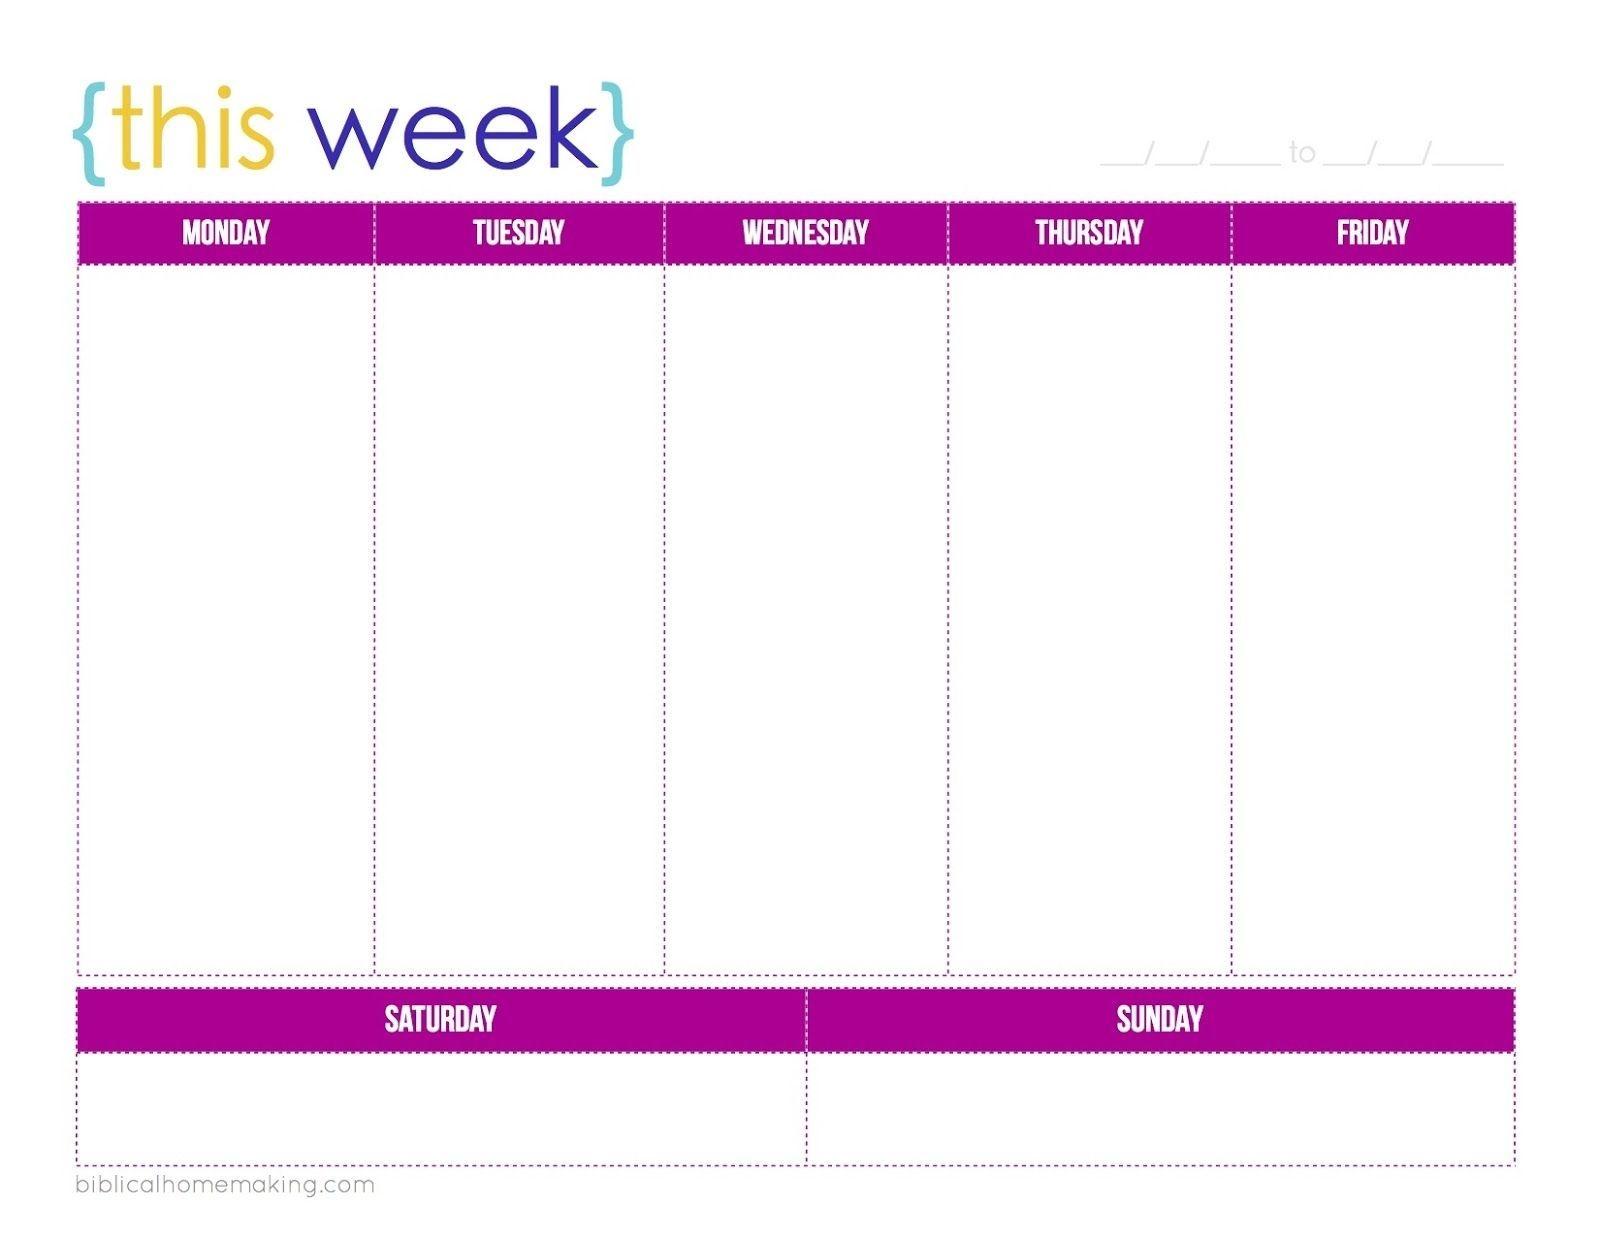 This Week A Free Weekly Planner Printable Biblical